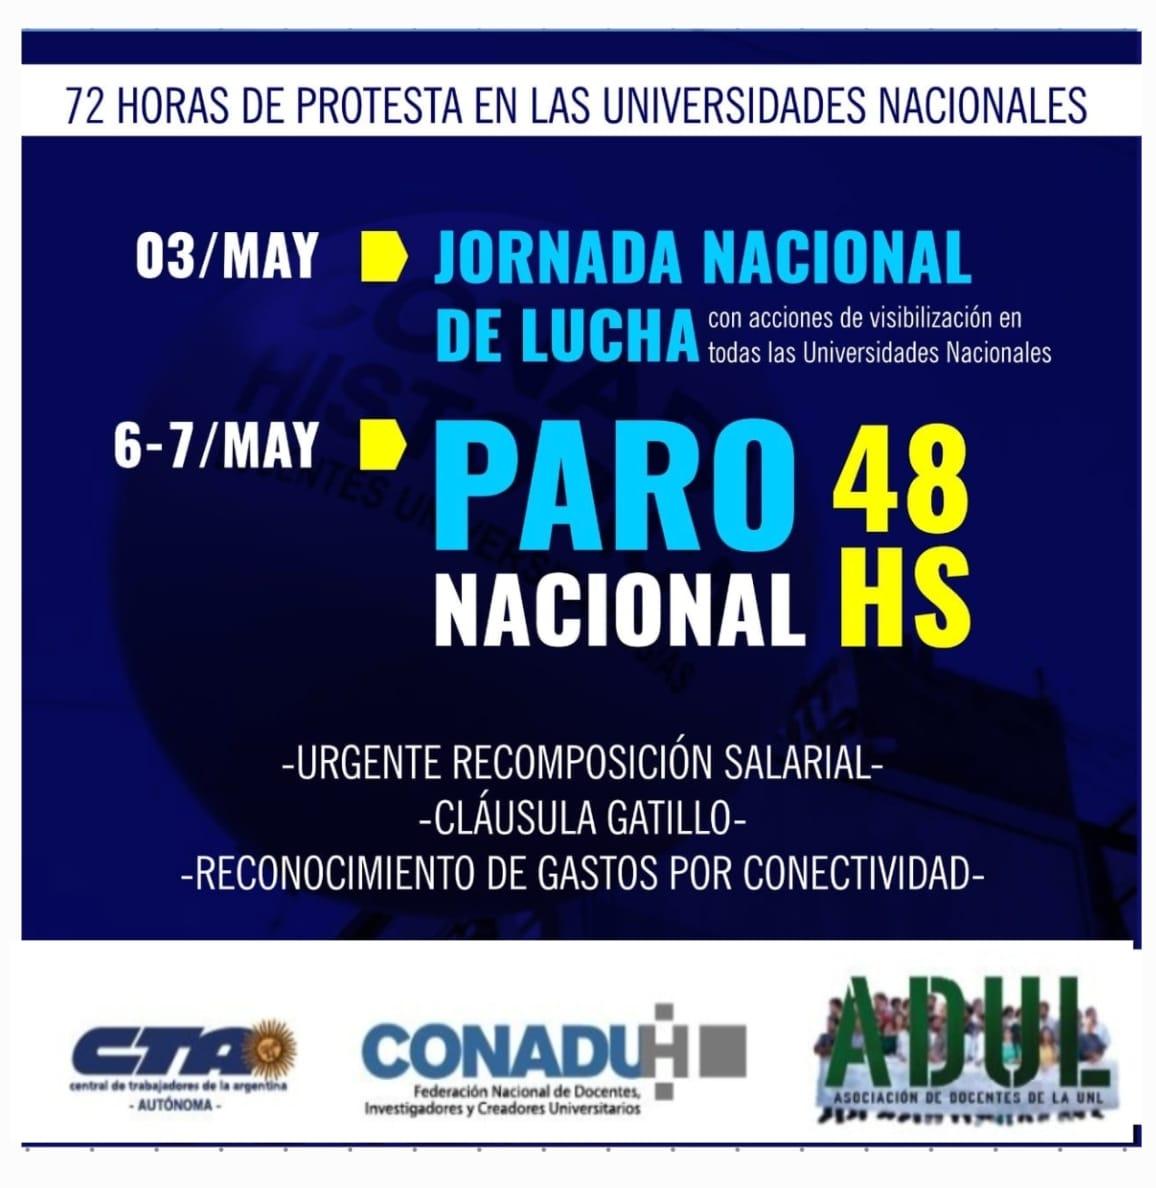 Comienzan las 72 horas de protesta en las universidades nacionales